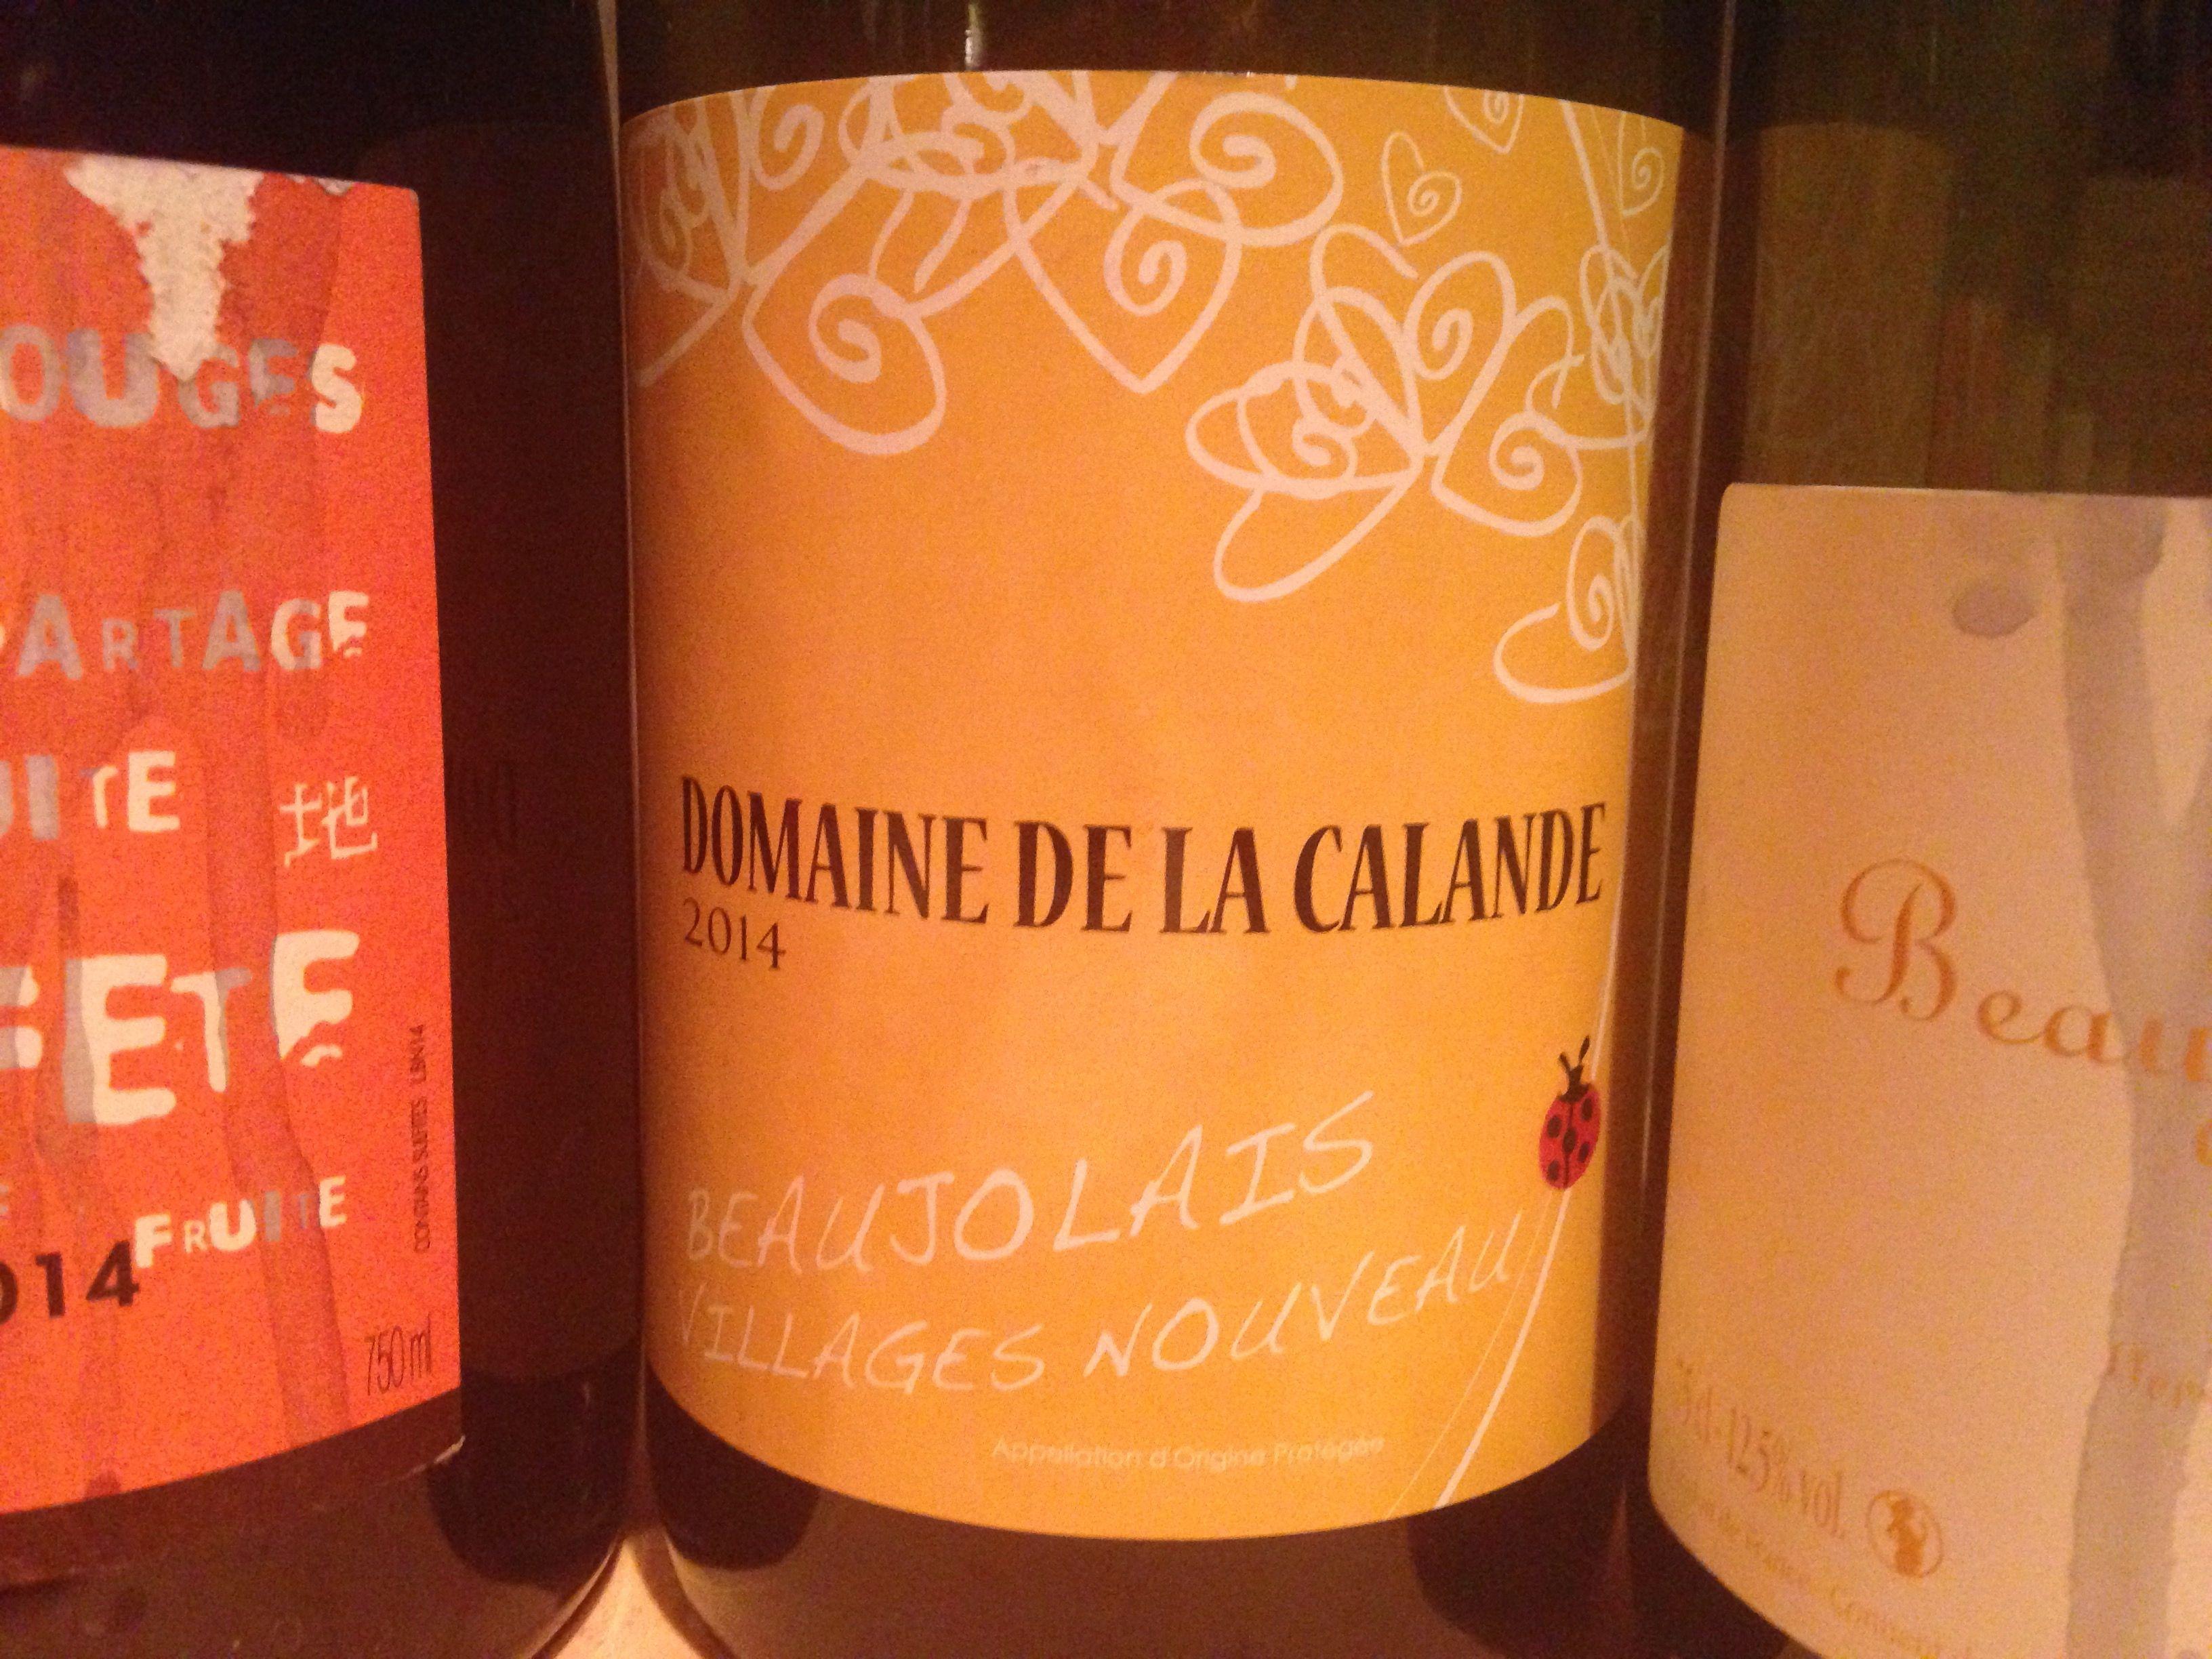 2014 beaujolais nouveauパーティ ボナペティ 料理 ワイン にらや